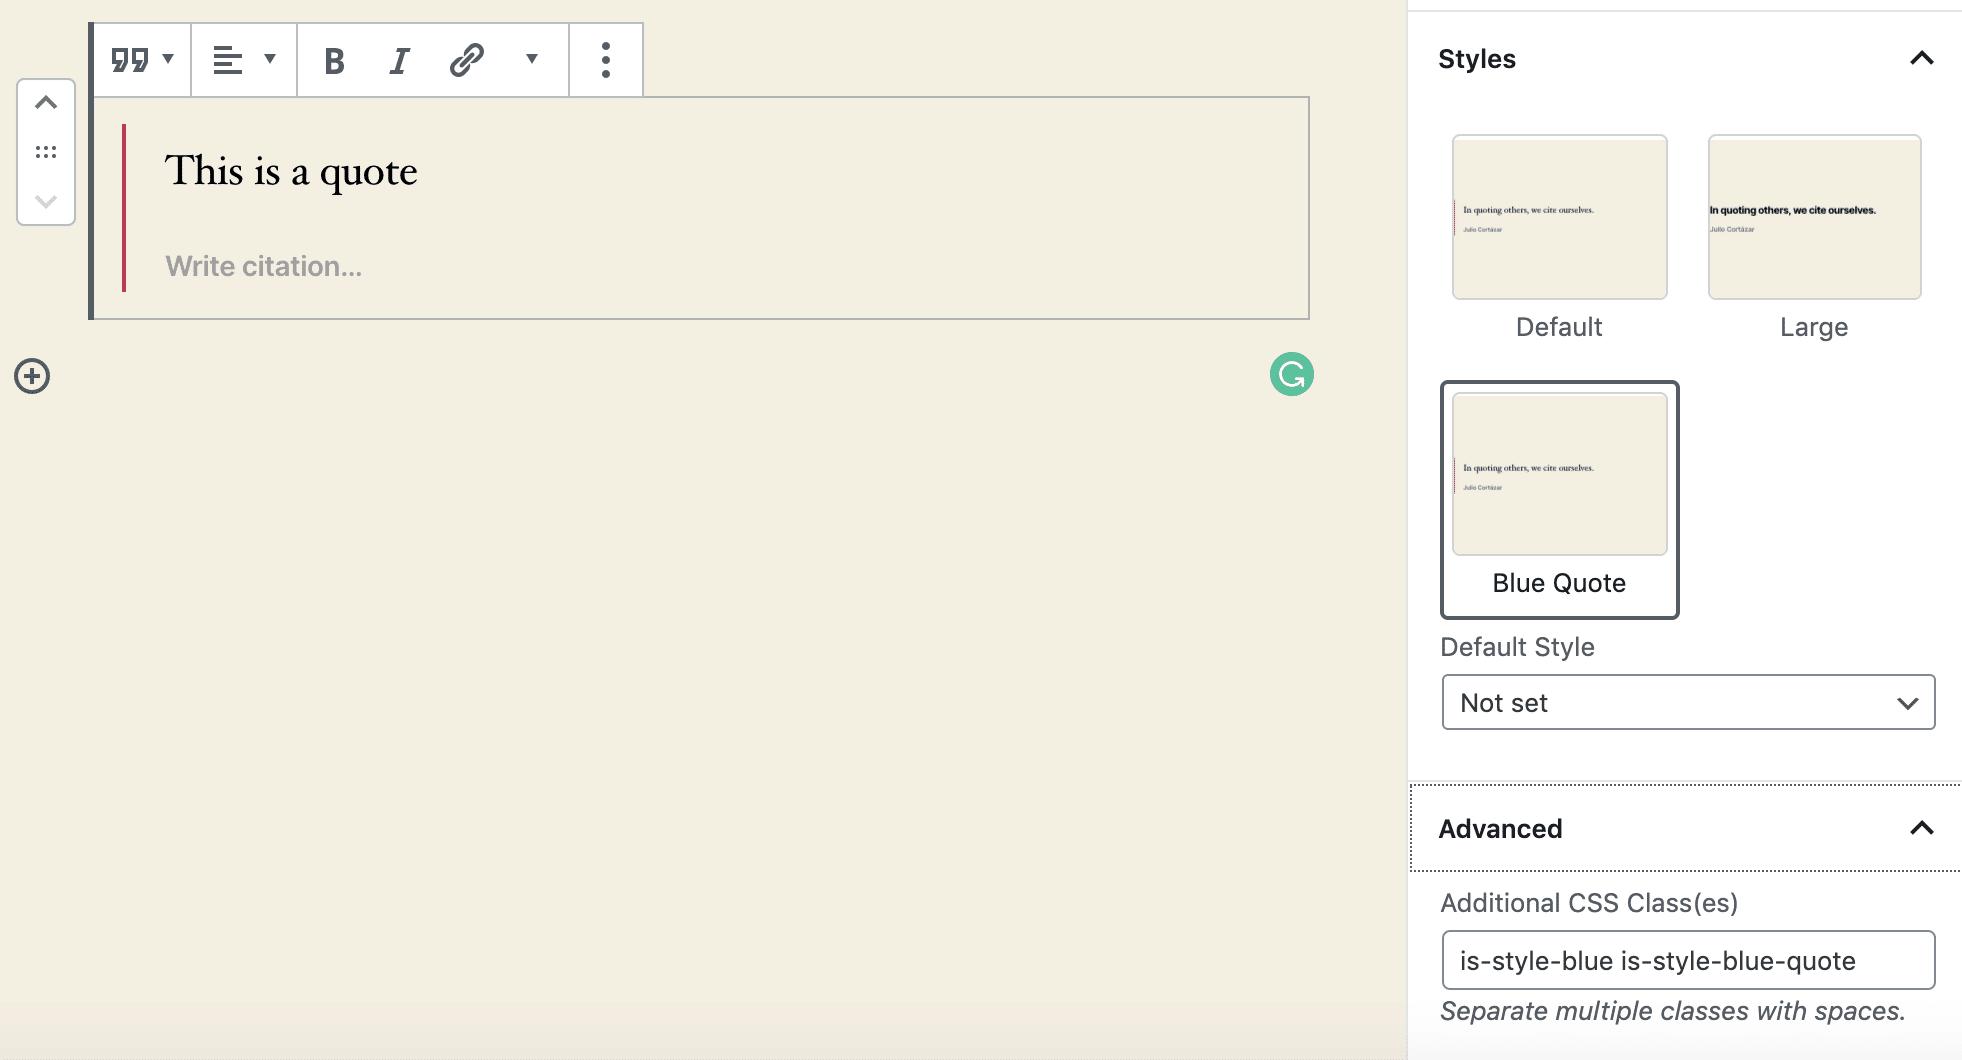 Ein Zitat mit einem benutzerdefinierten Stil im Blockeditor